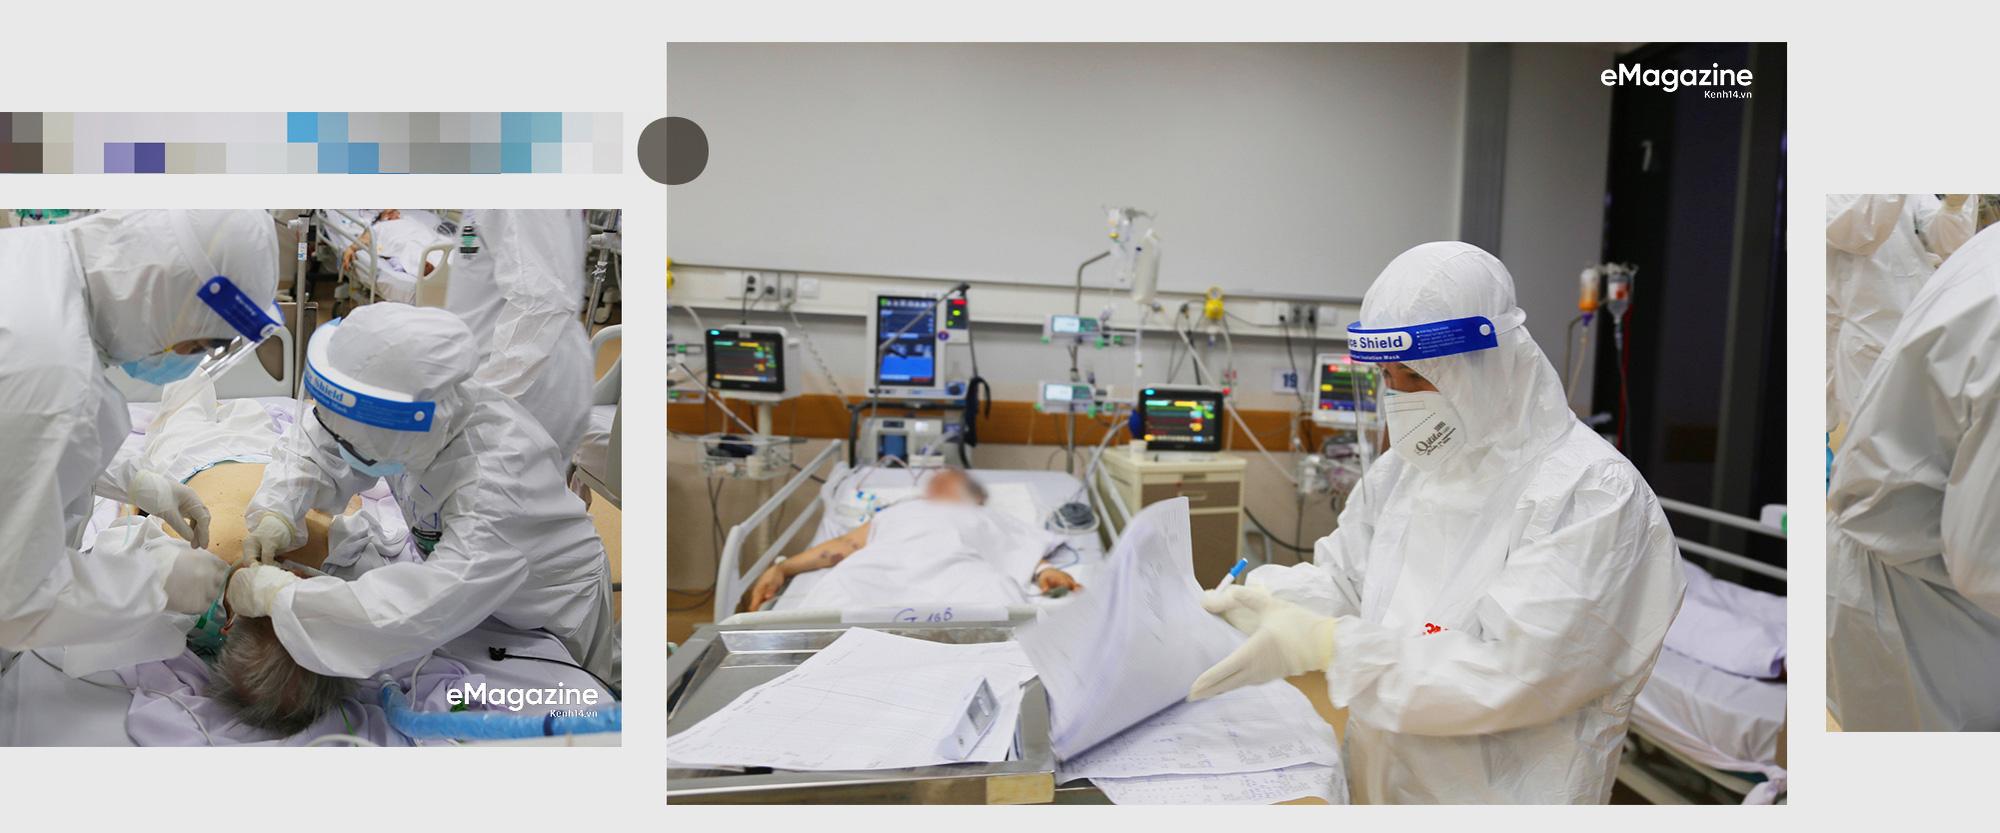 """7 giờ tại bệnh viện hồi sức Covid-19: Phút cân não giành giật từng hơi thở và cái cúi đầu """"tạm biệt"""" - Ảnh 3."""